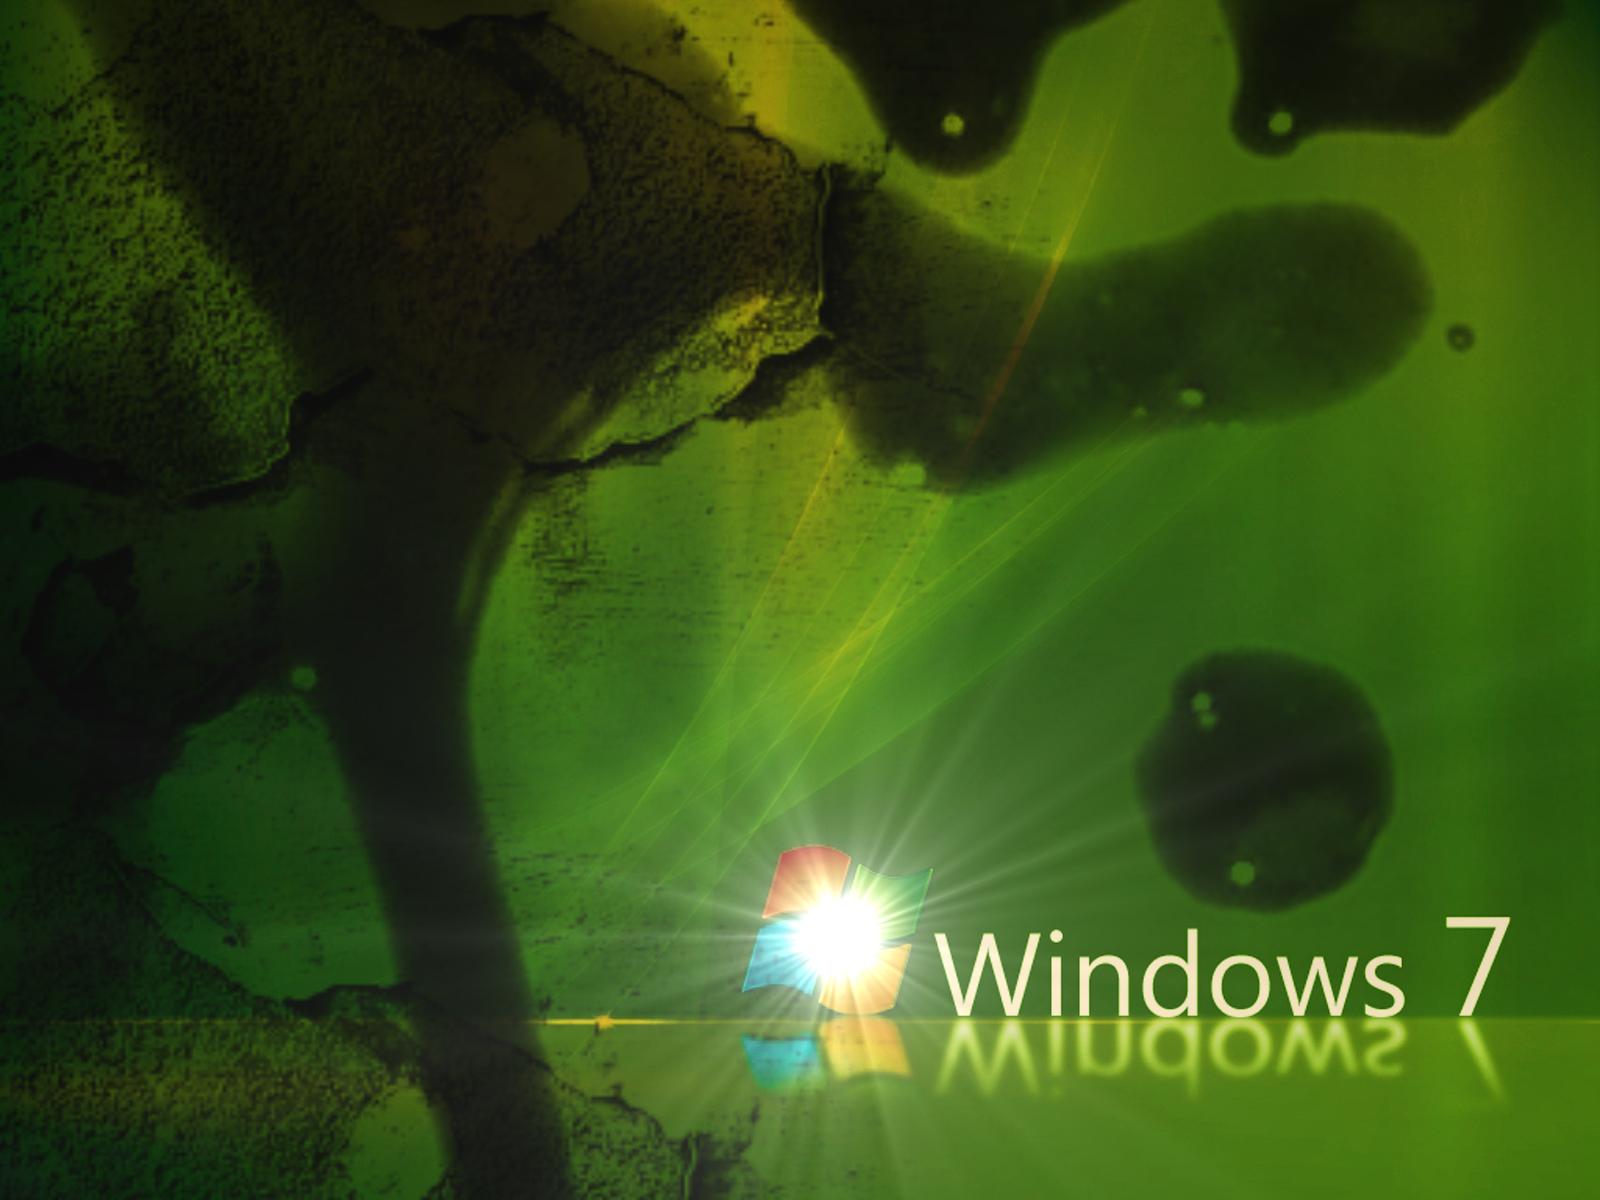 Windows 7 Seven Wallpaper Fondos De Escritorio Wallpapers: Wallpapers De Windows 7